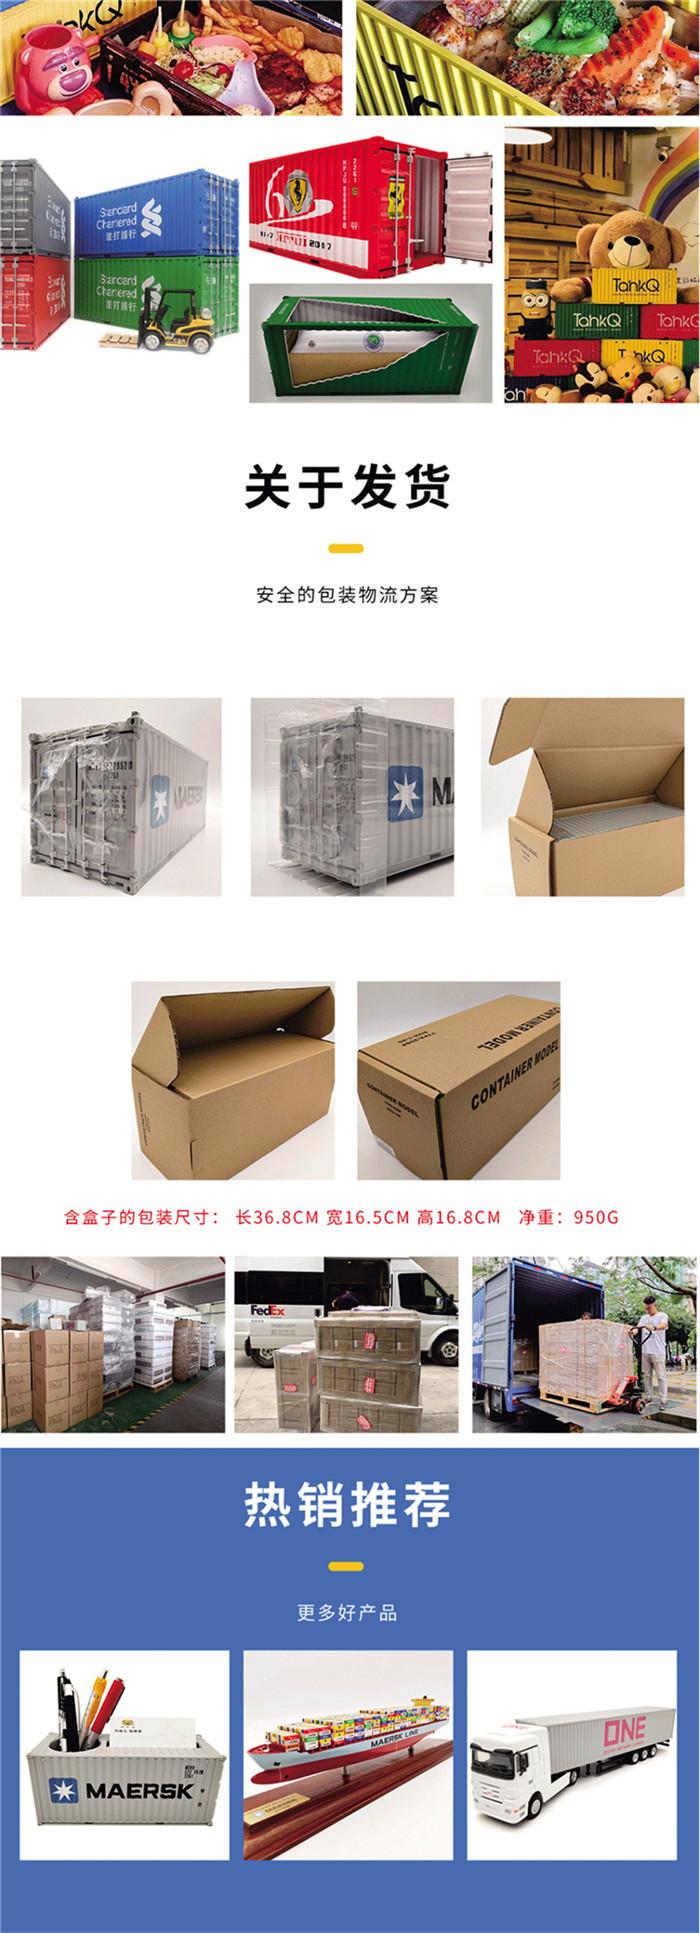 海藝坊集裝箱貨柜模型工廠生產制作各種:紀念品貨柜模型工廠,紀念品貨柜模型生產廠家,運輸貨柜模型LOGO定制,運輸貨柜模型定制定做,運輸貨柜模型訂制訂做。